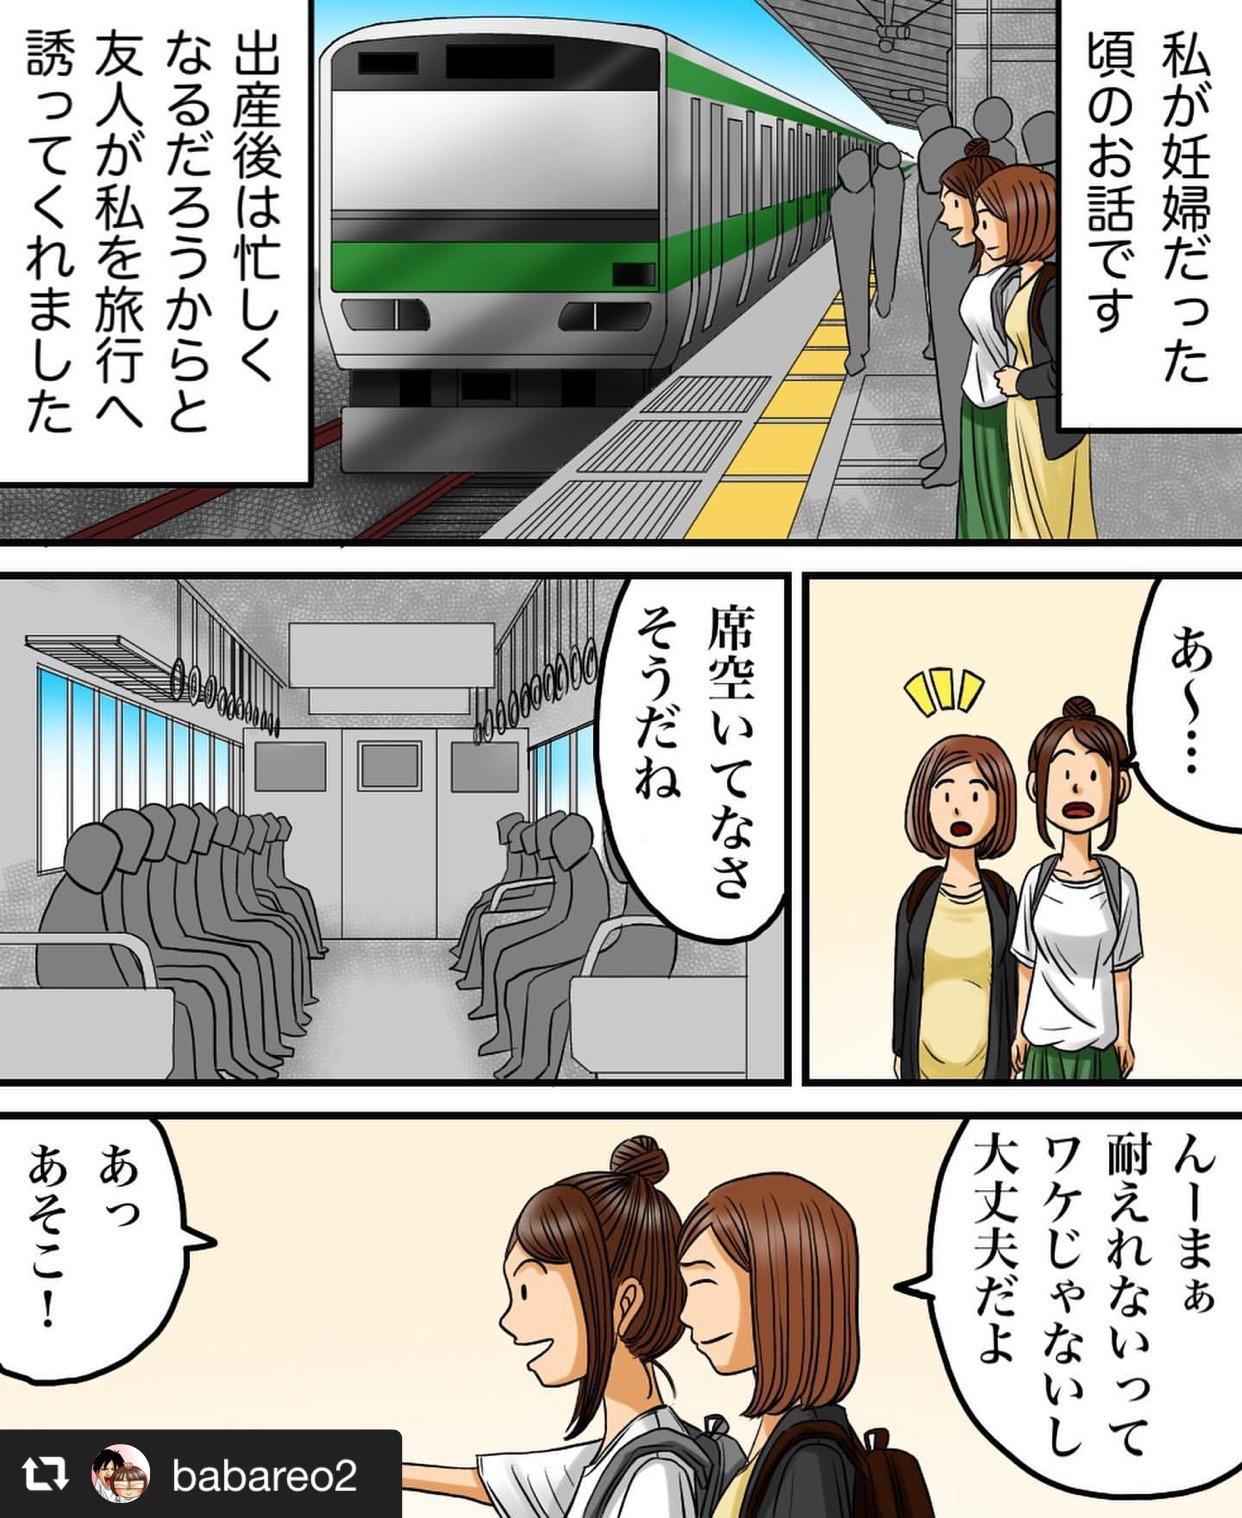 【スカッとする話】電車で出会った老紳士 画像1